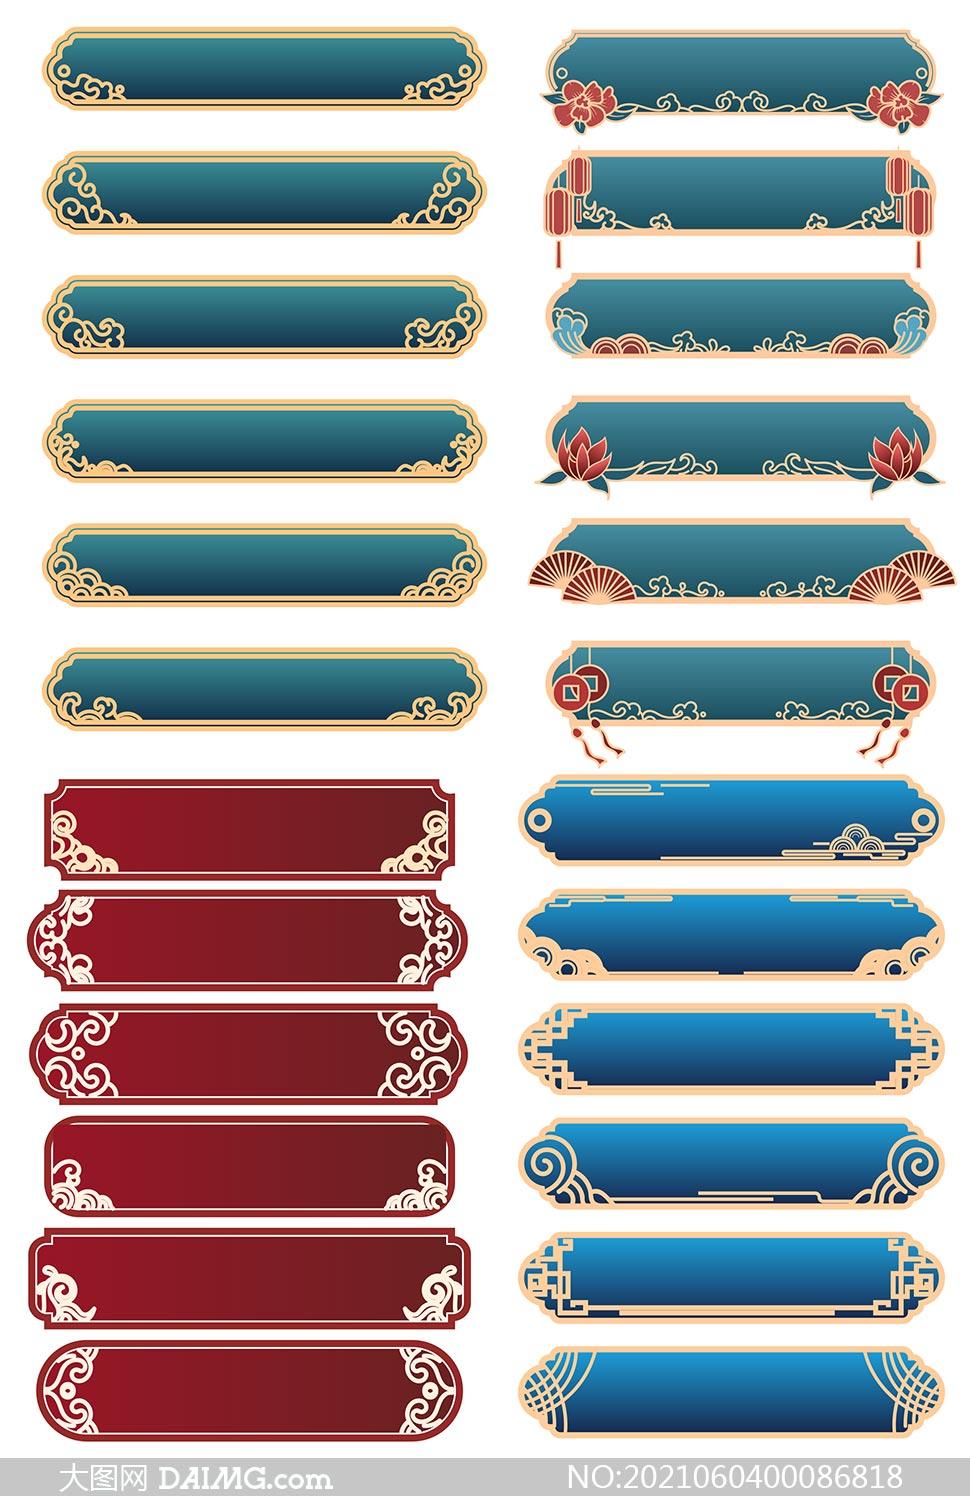 中国风电商传统标题文本框设计天雷珠矢量素材